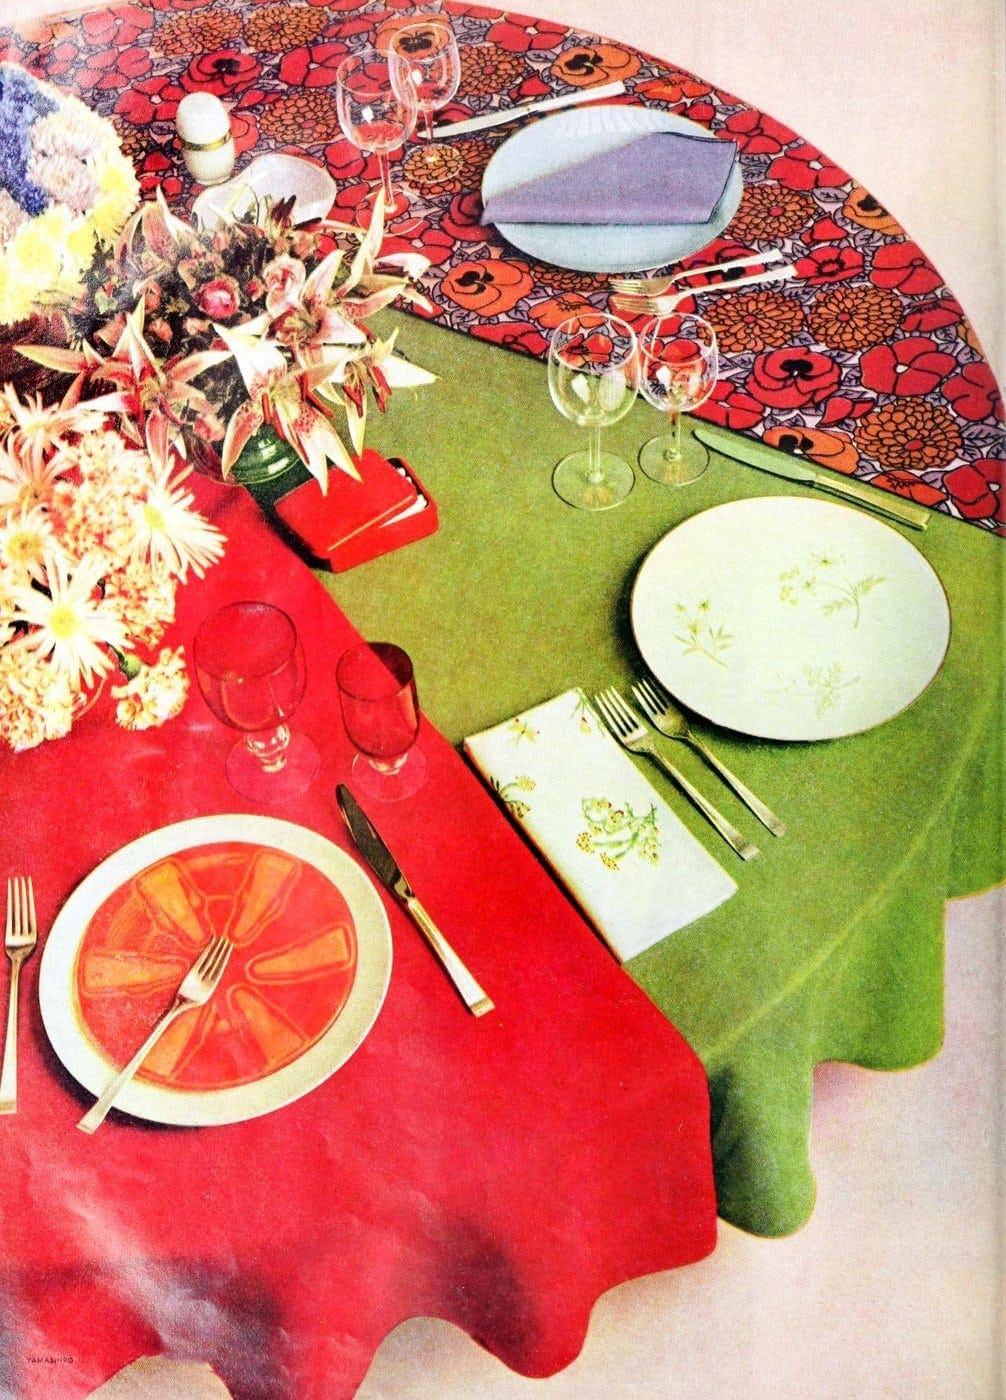 50 vintage 50s table setting ideas